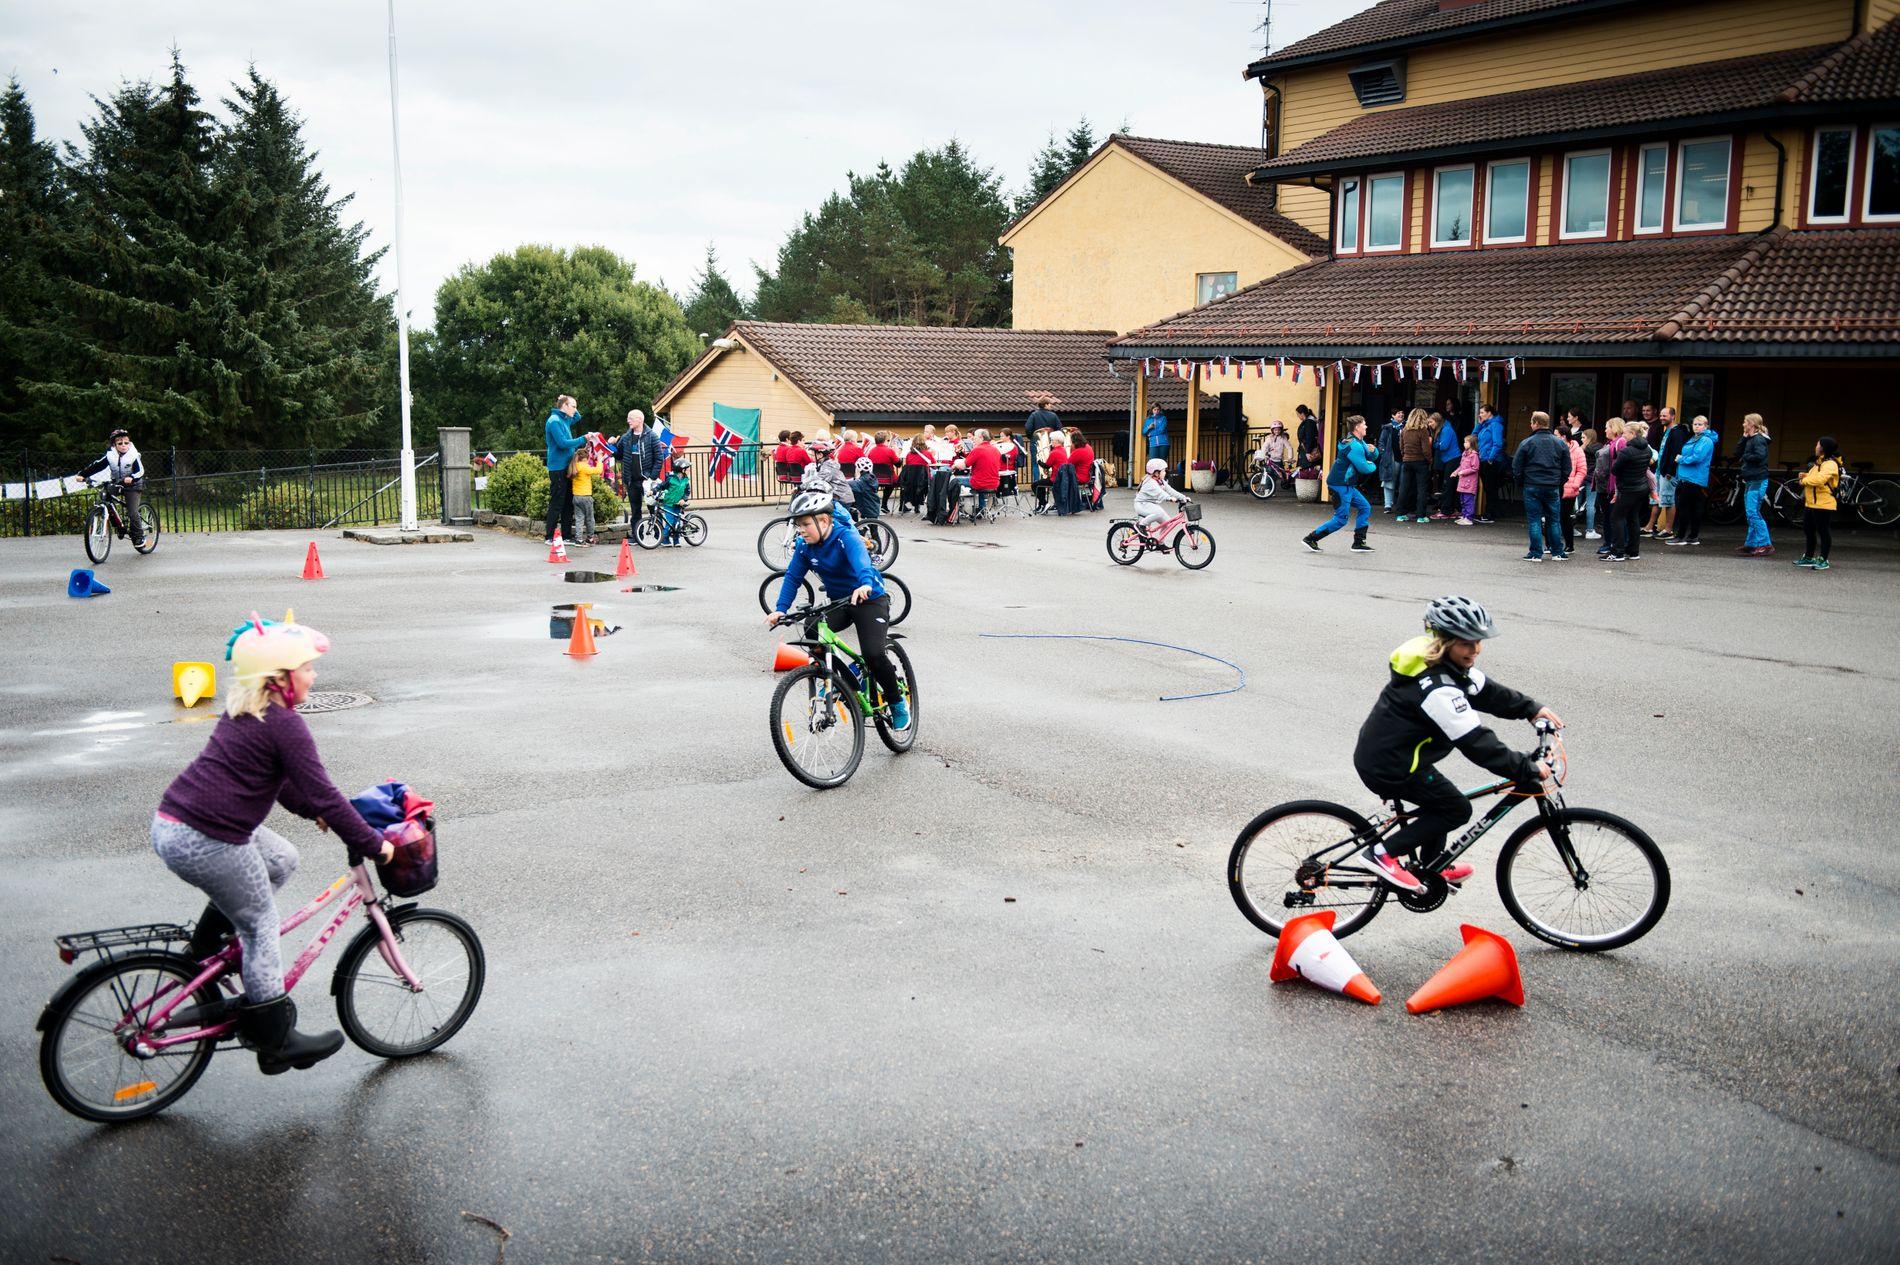 FØRSTEMANN: Blomvåg skole er en av mange skoler og barnehager i regionen som bruker sykkel-VM aktivt i opplæringen.